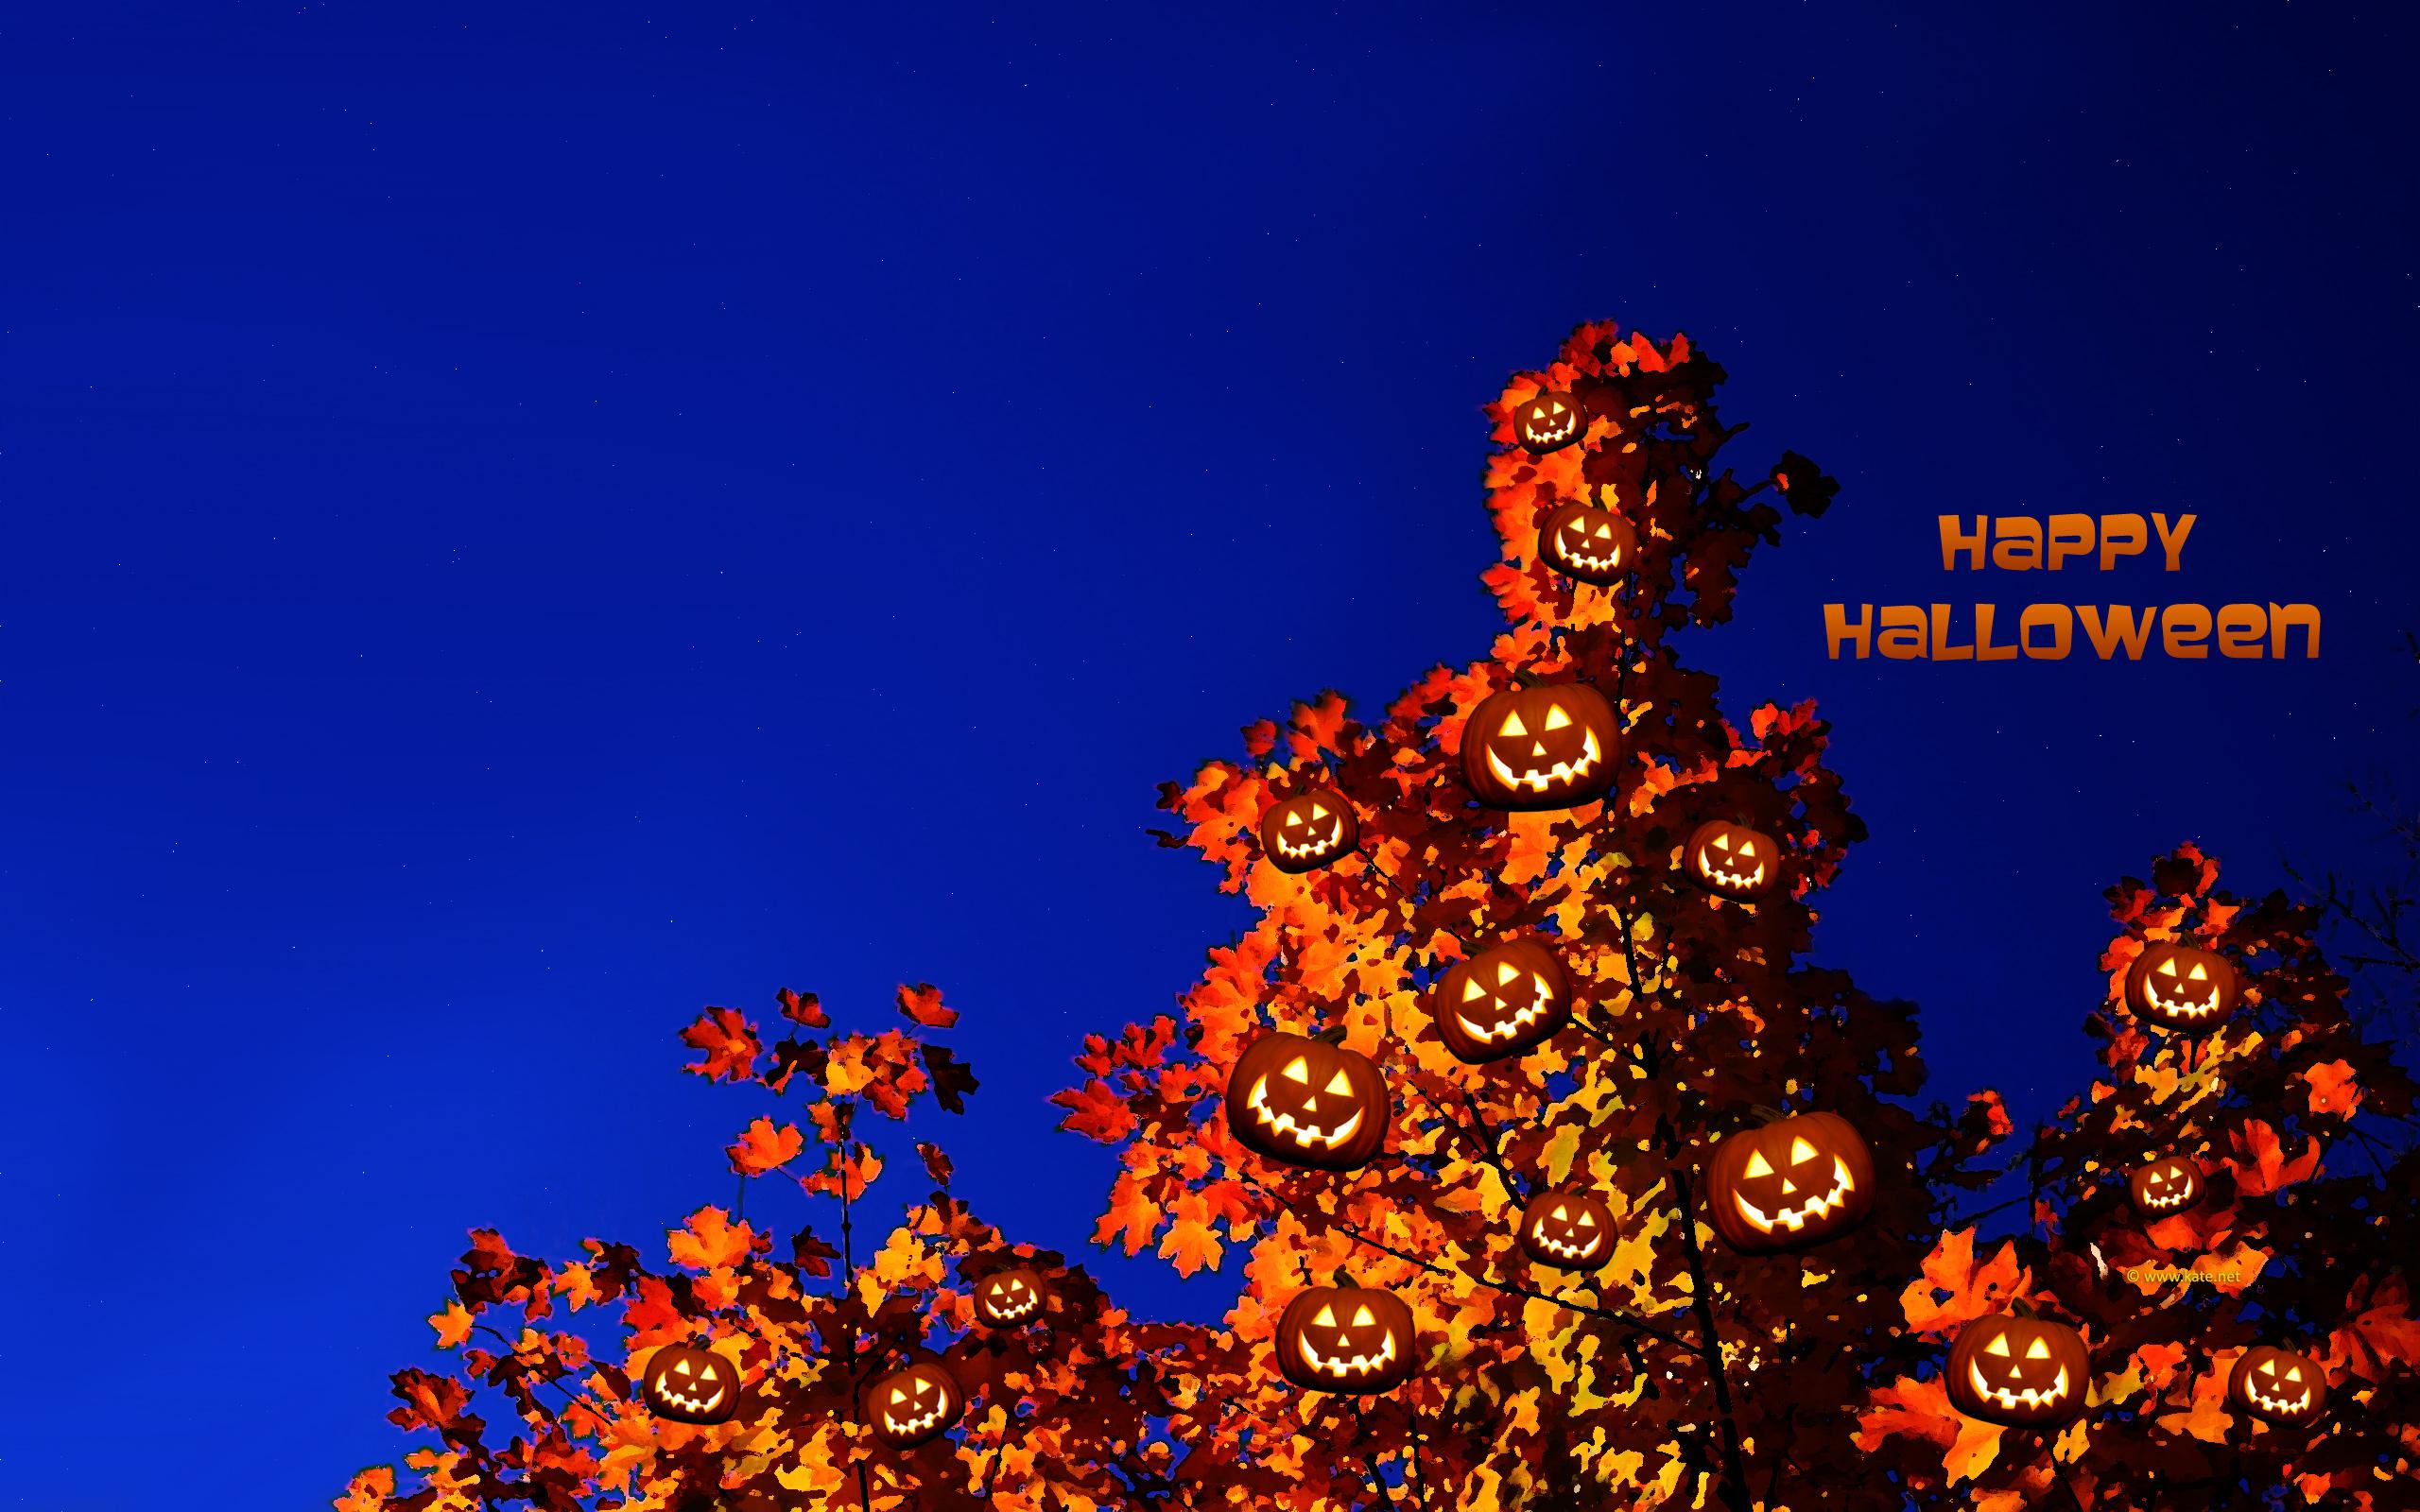 halloween wallpapers halloween desktop backgrounds on katenet page 1